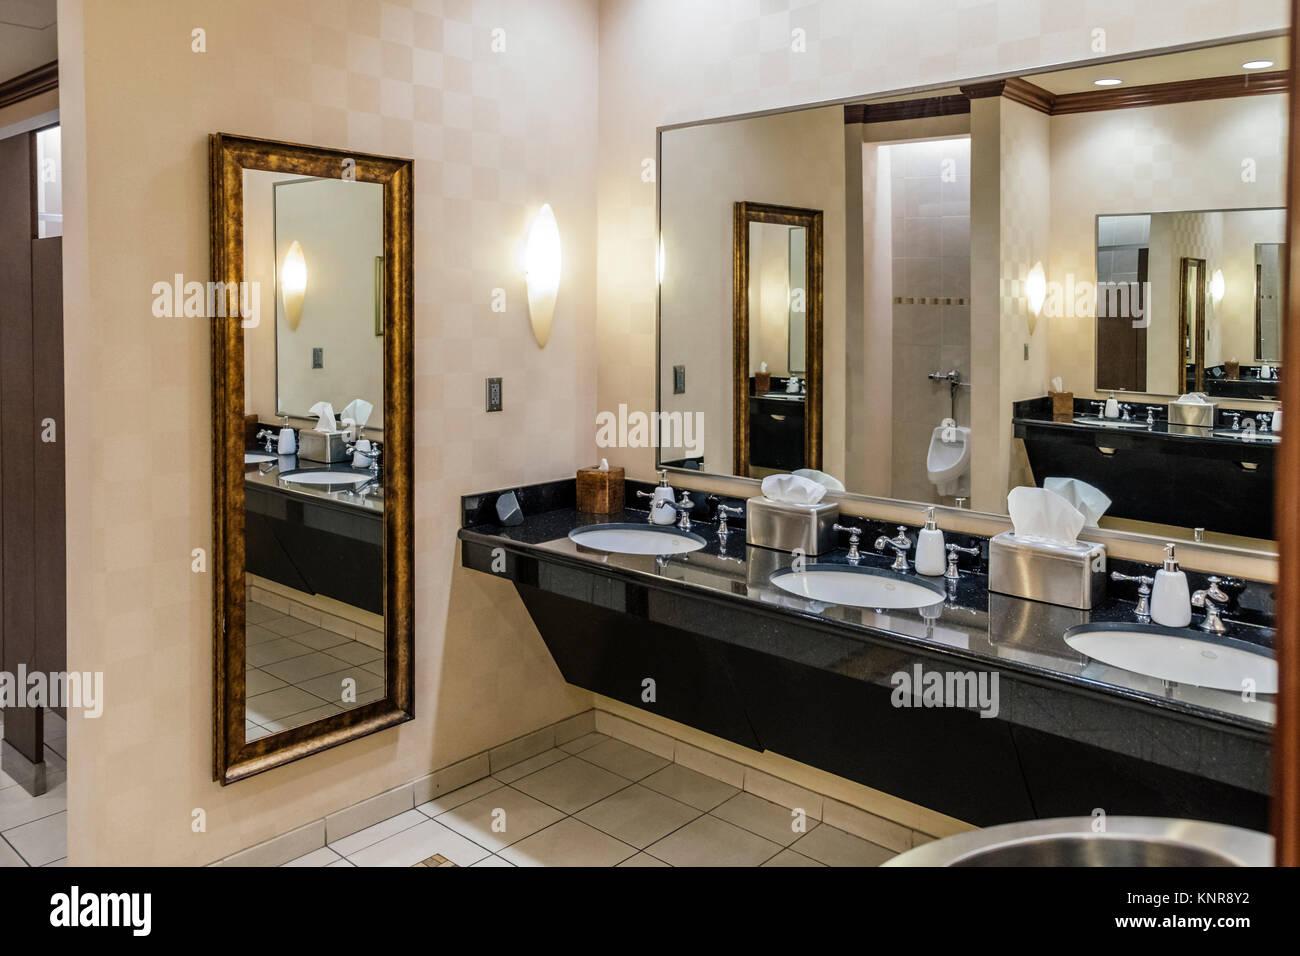 Salle De Bain Luxe Hotel ~ int rieur de la salle de bains des hommes ou des toilettes dans un